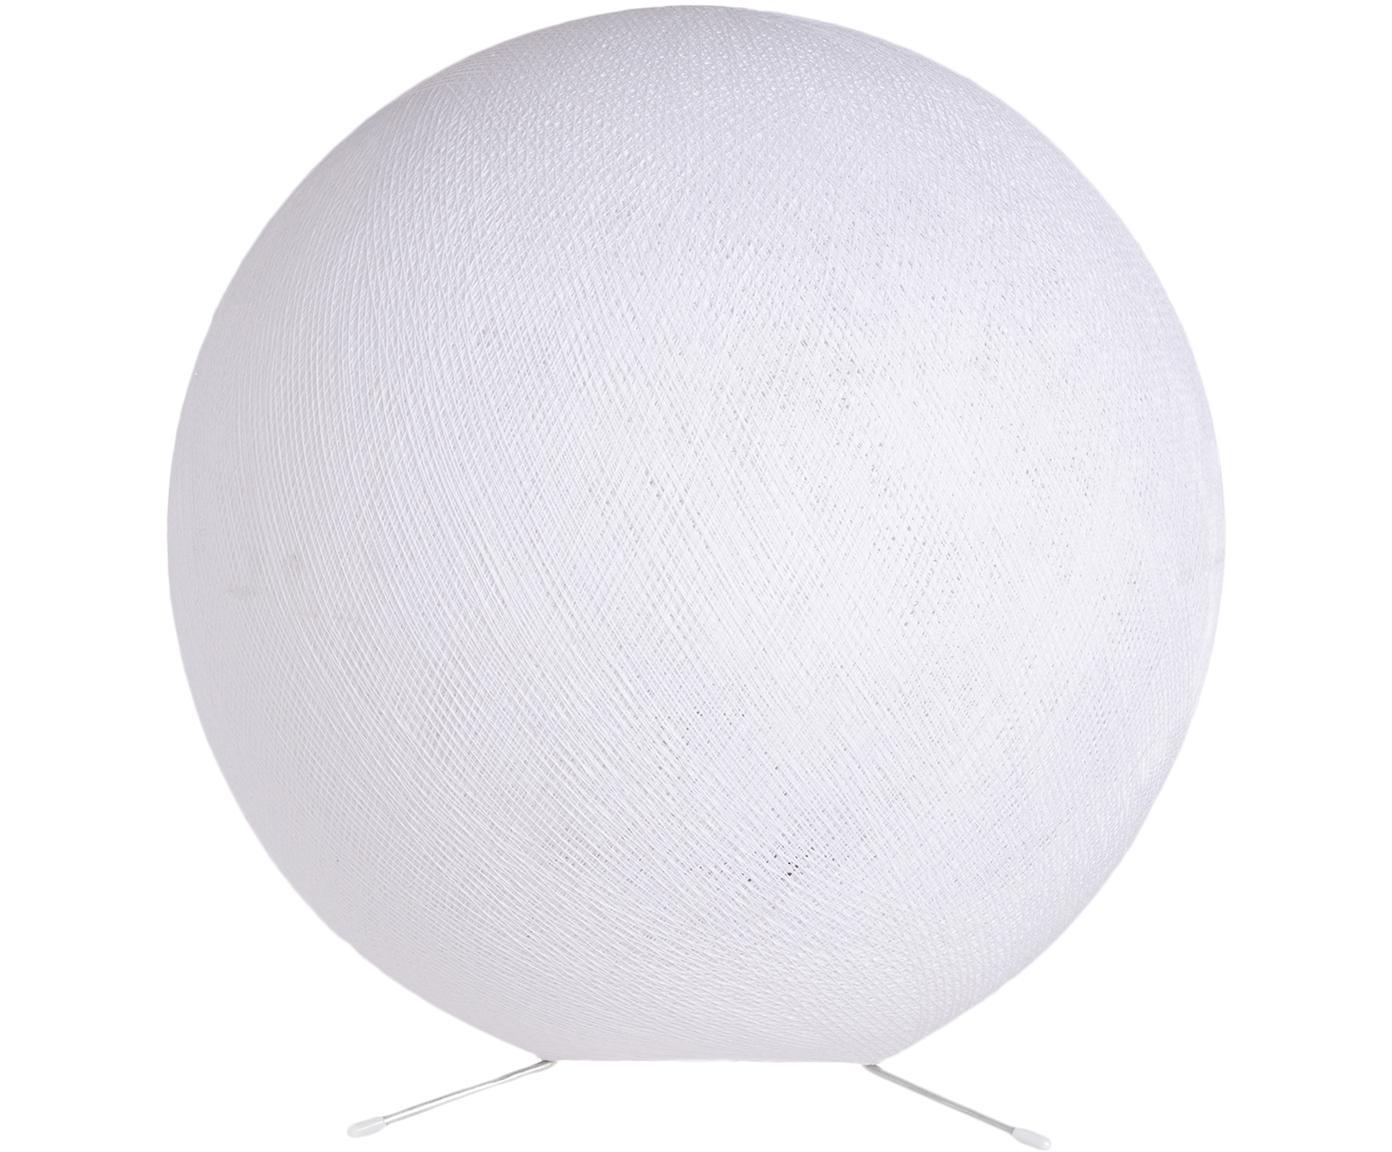 Lampa stołowa Colorain, Biały, Ø 36 cm